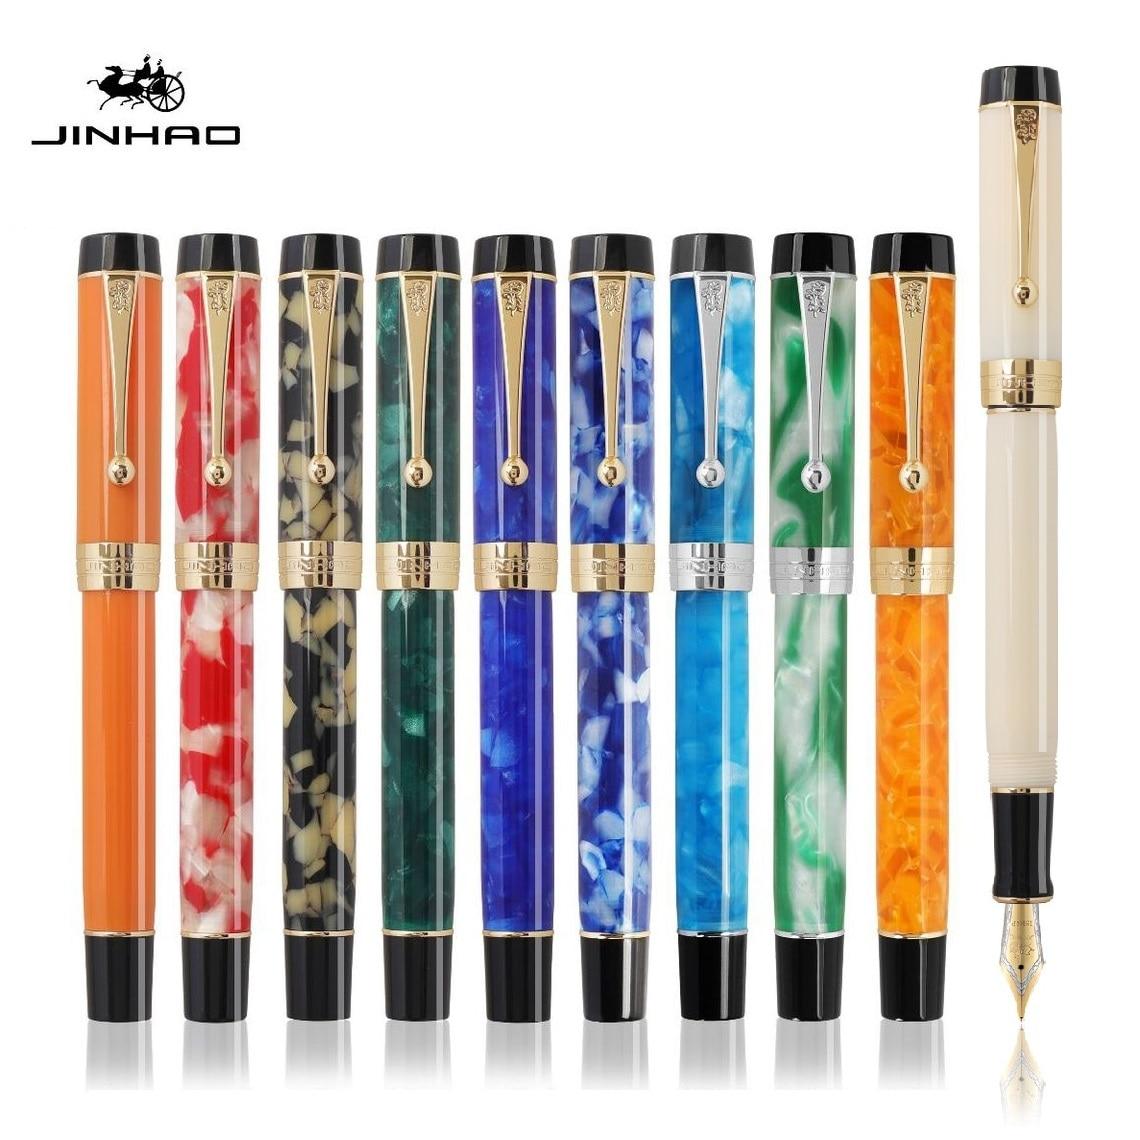 AliExpress - Jinhao Century 100 Series Fountain Pen Multi Color Acrylic Barrel Fine Nib Gold Trim Business Office Signature School A6999